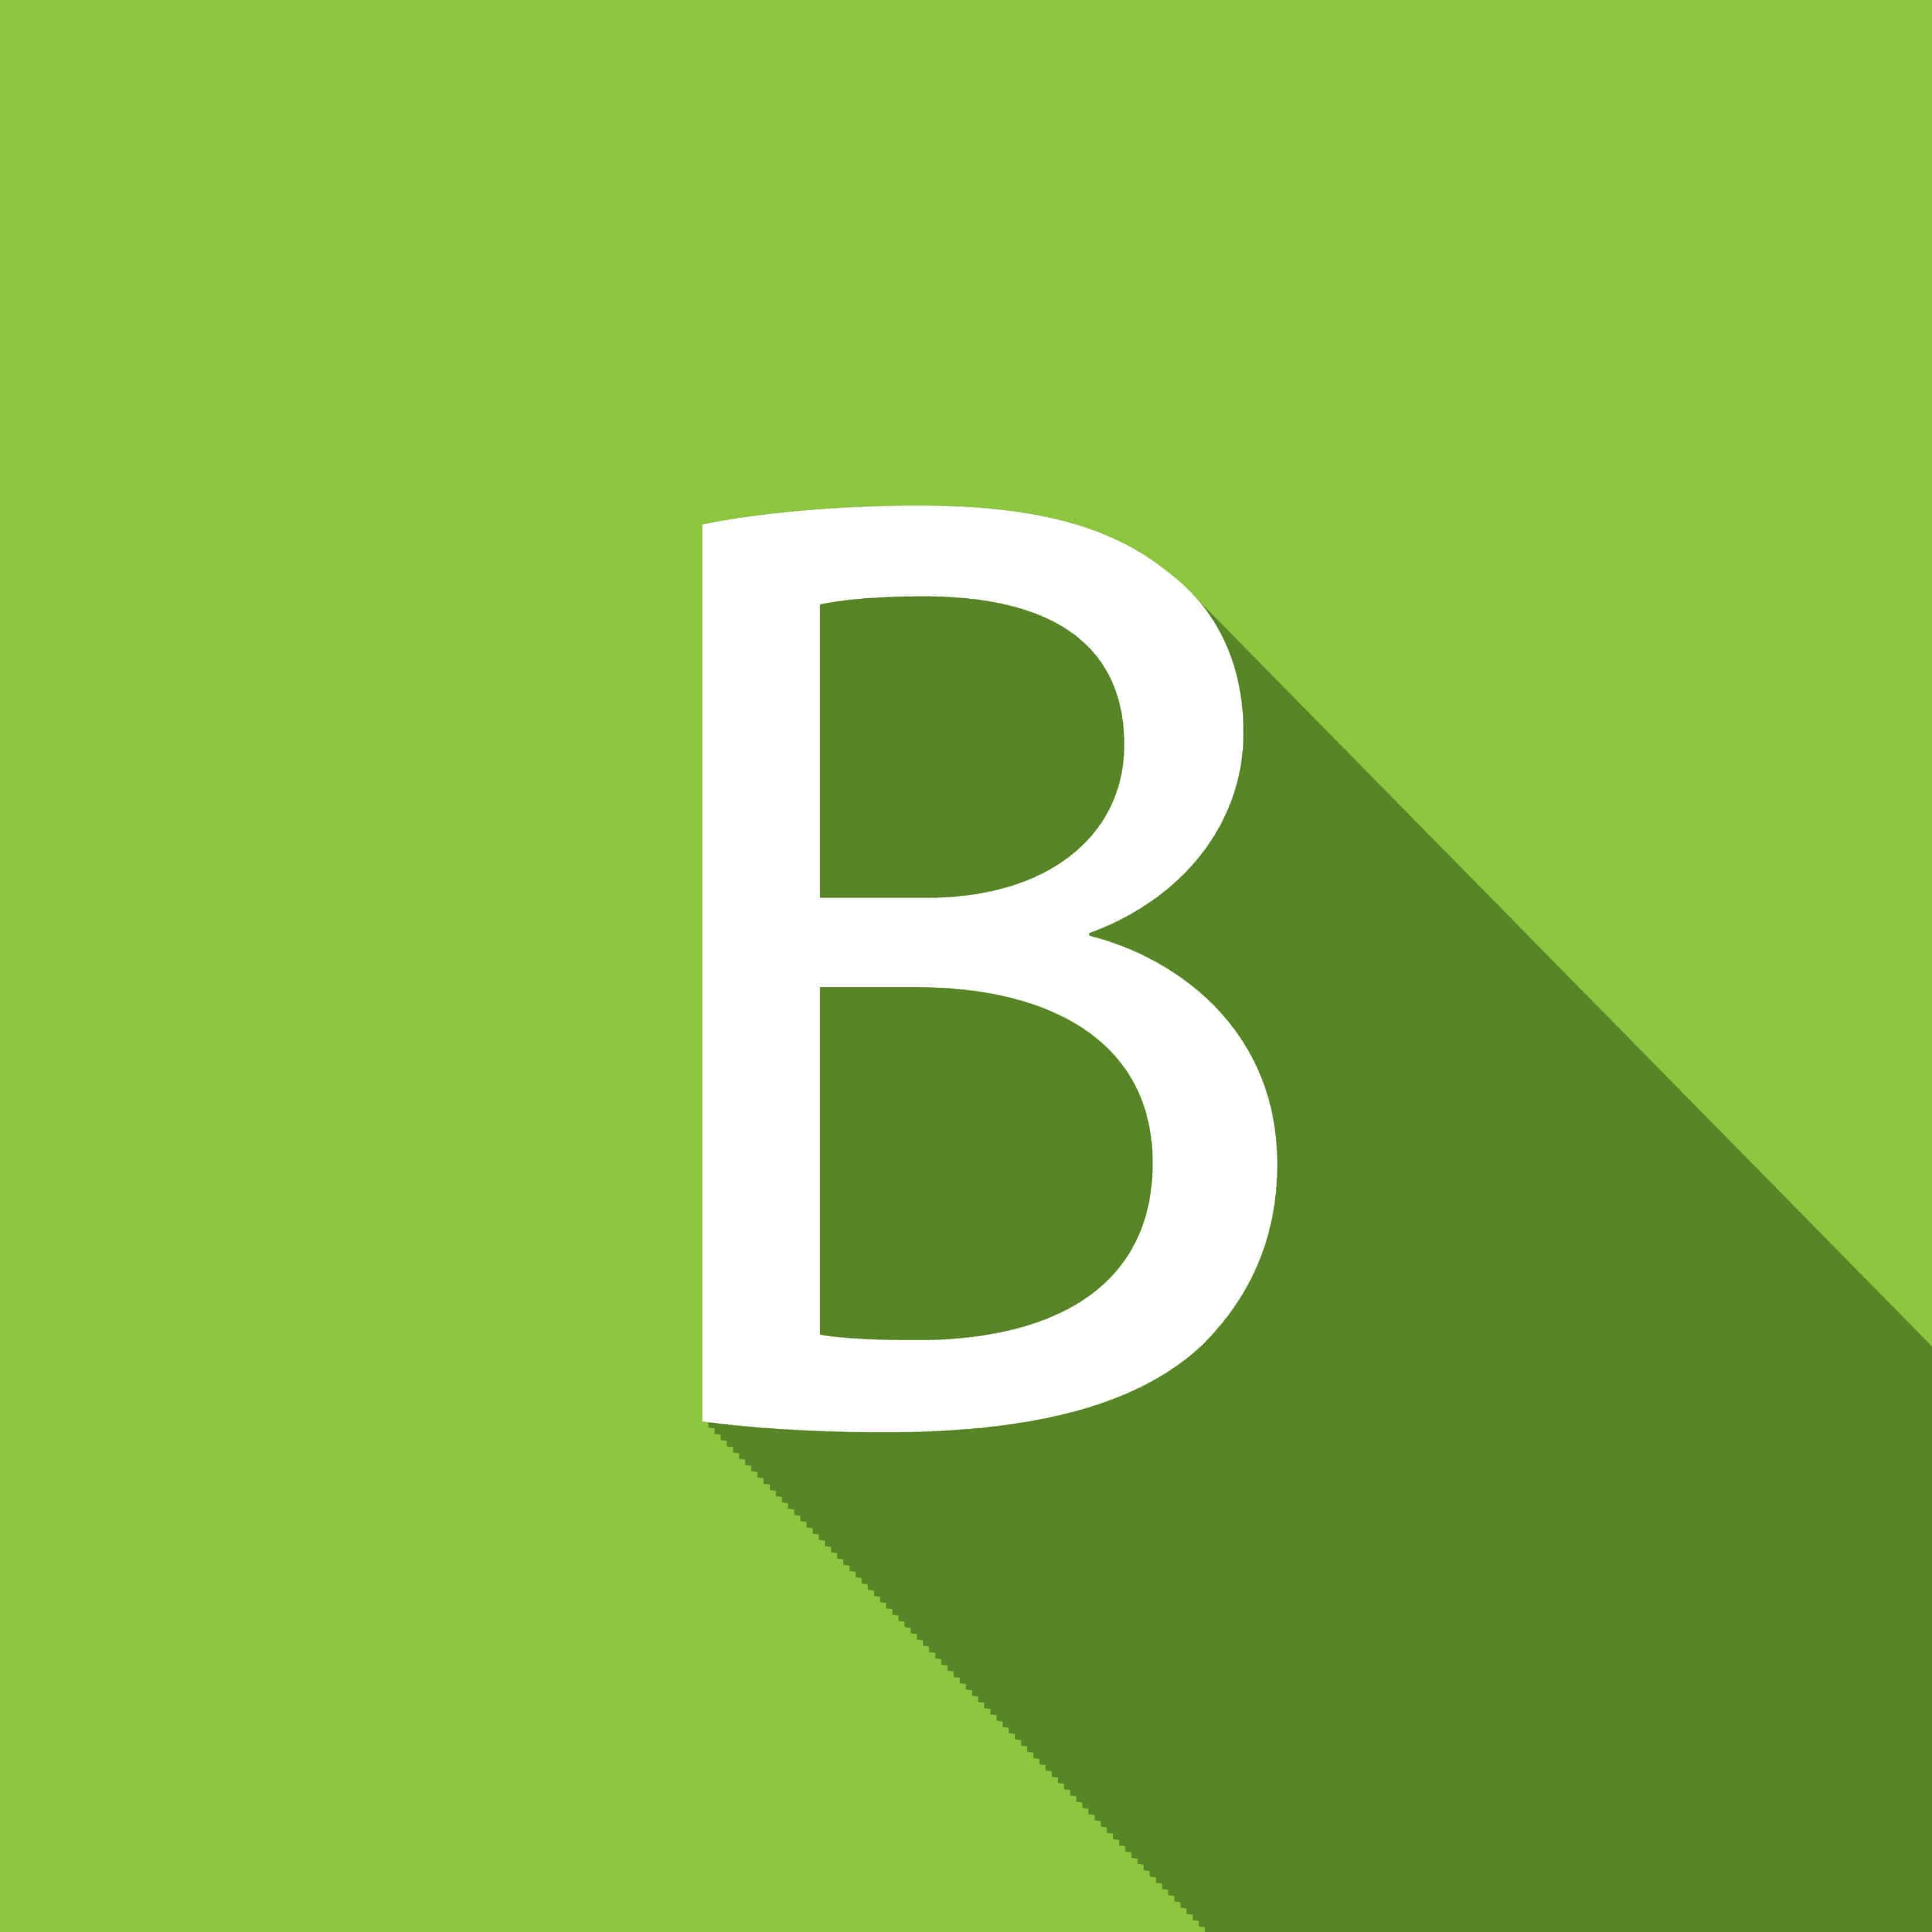 Buchstabe B in weiß